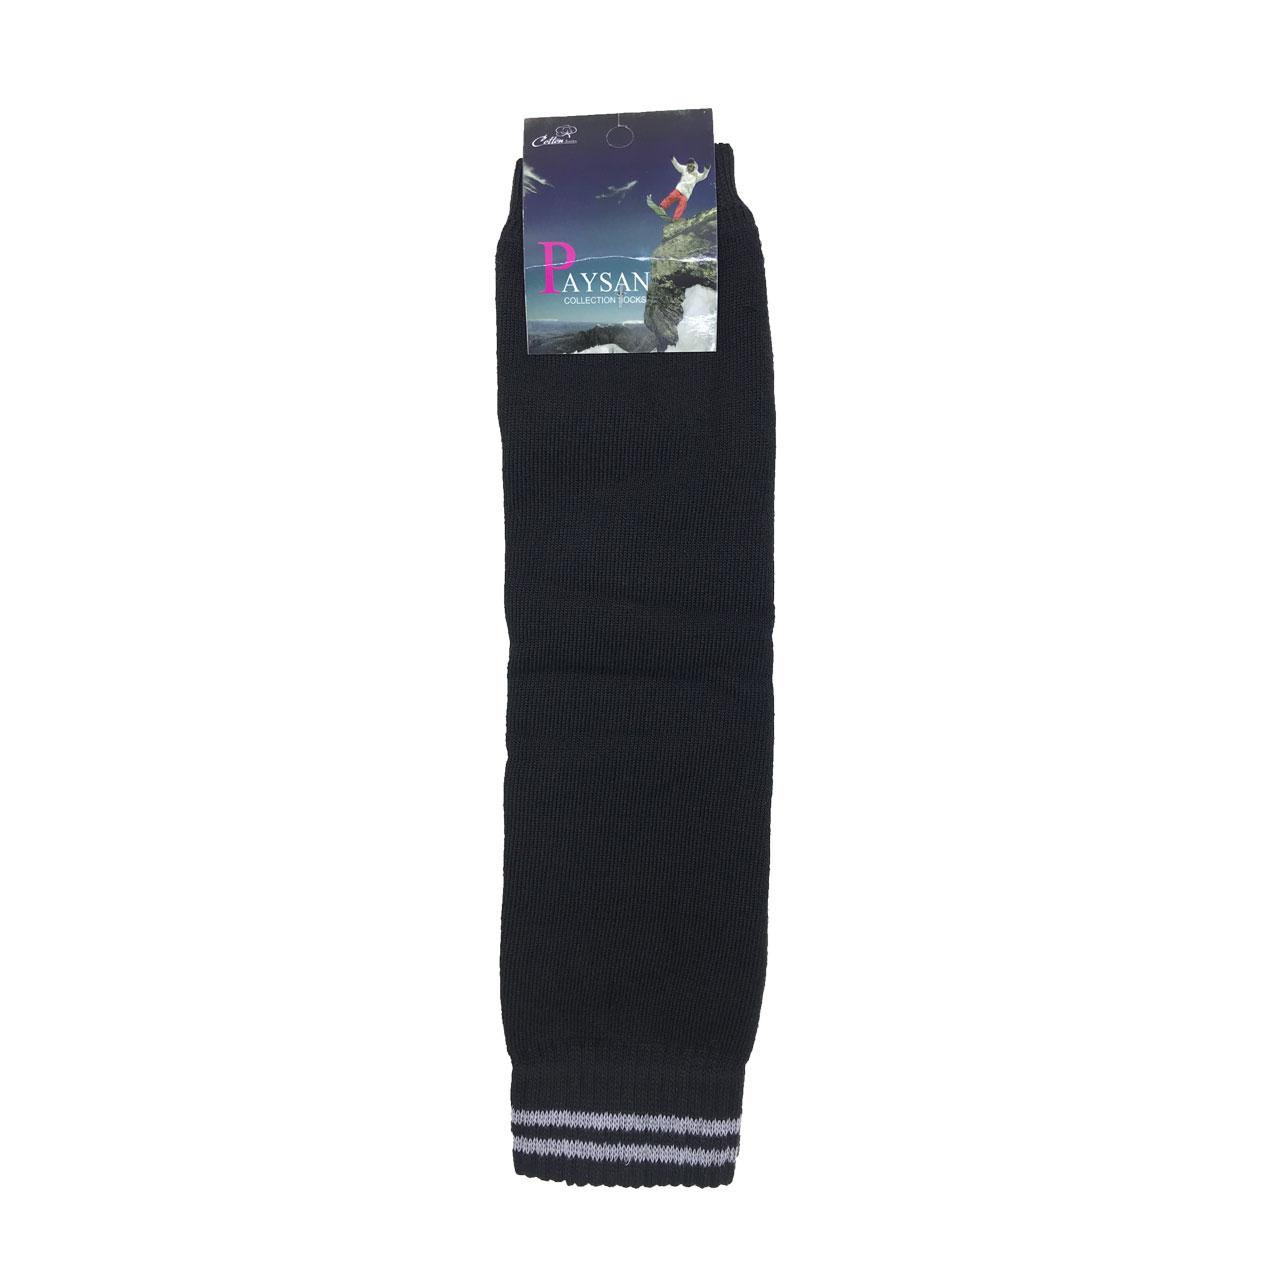 ساق دست زنانه پایسان مدل LD-45